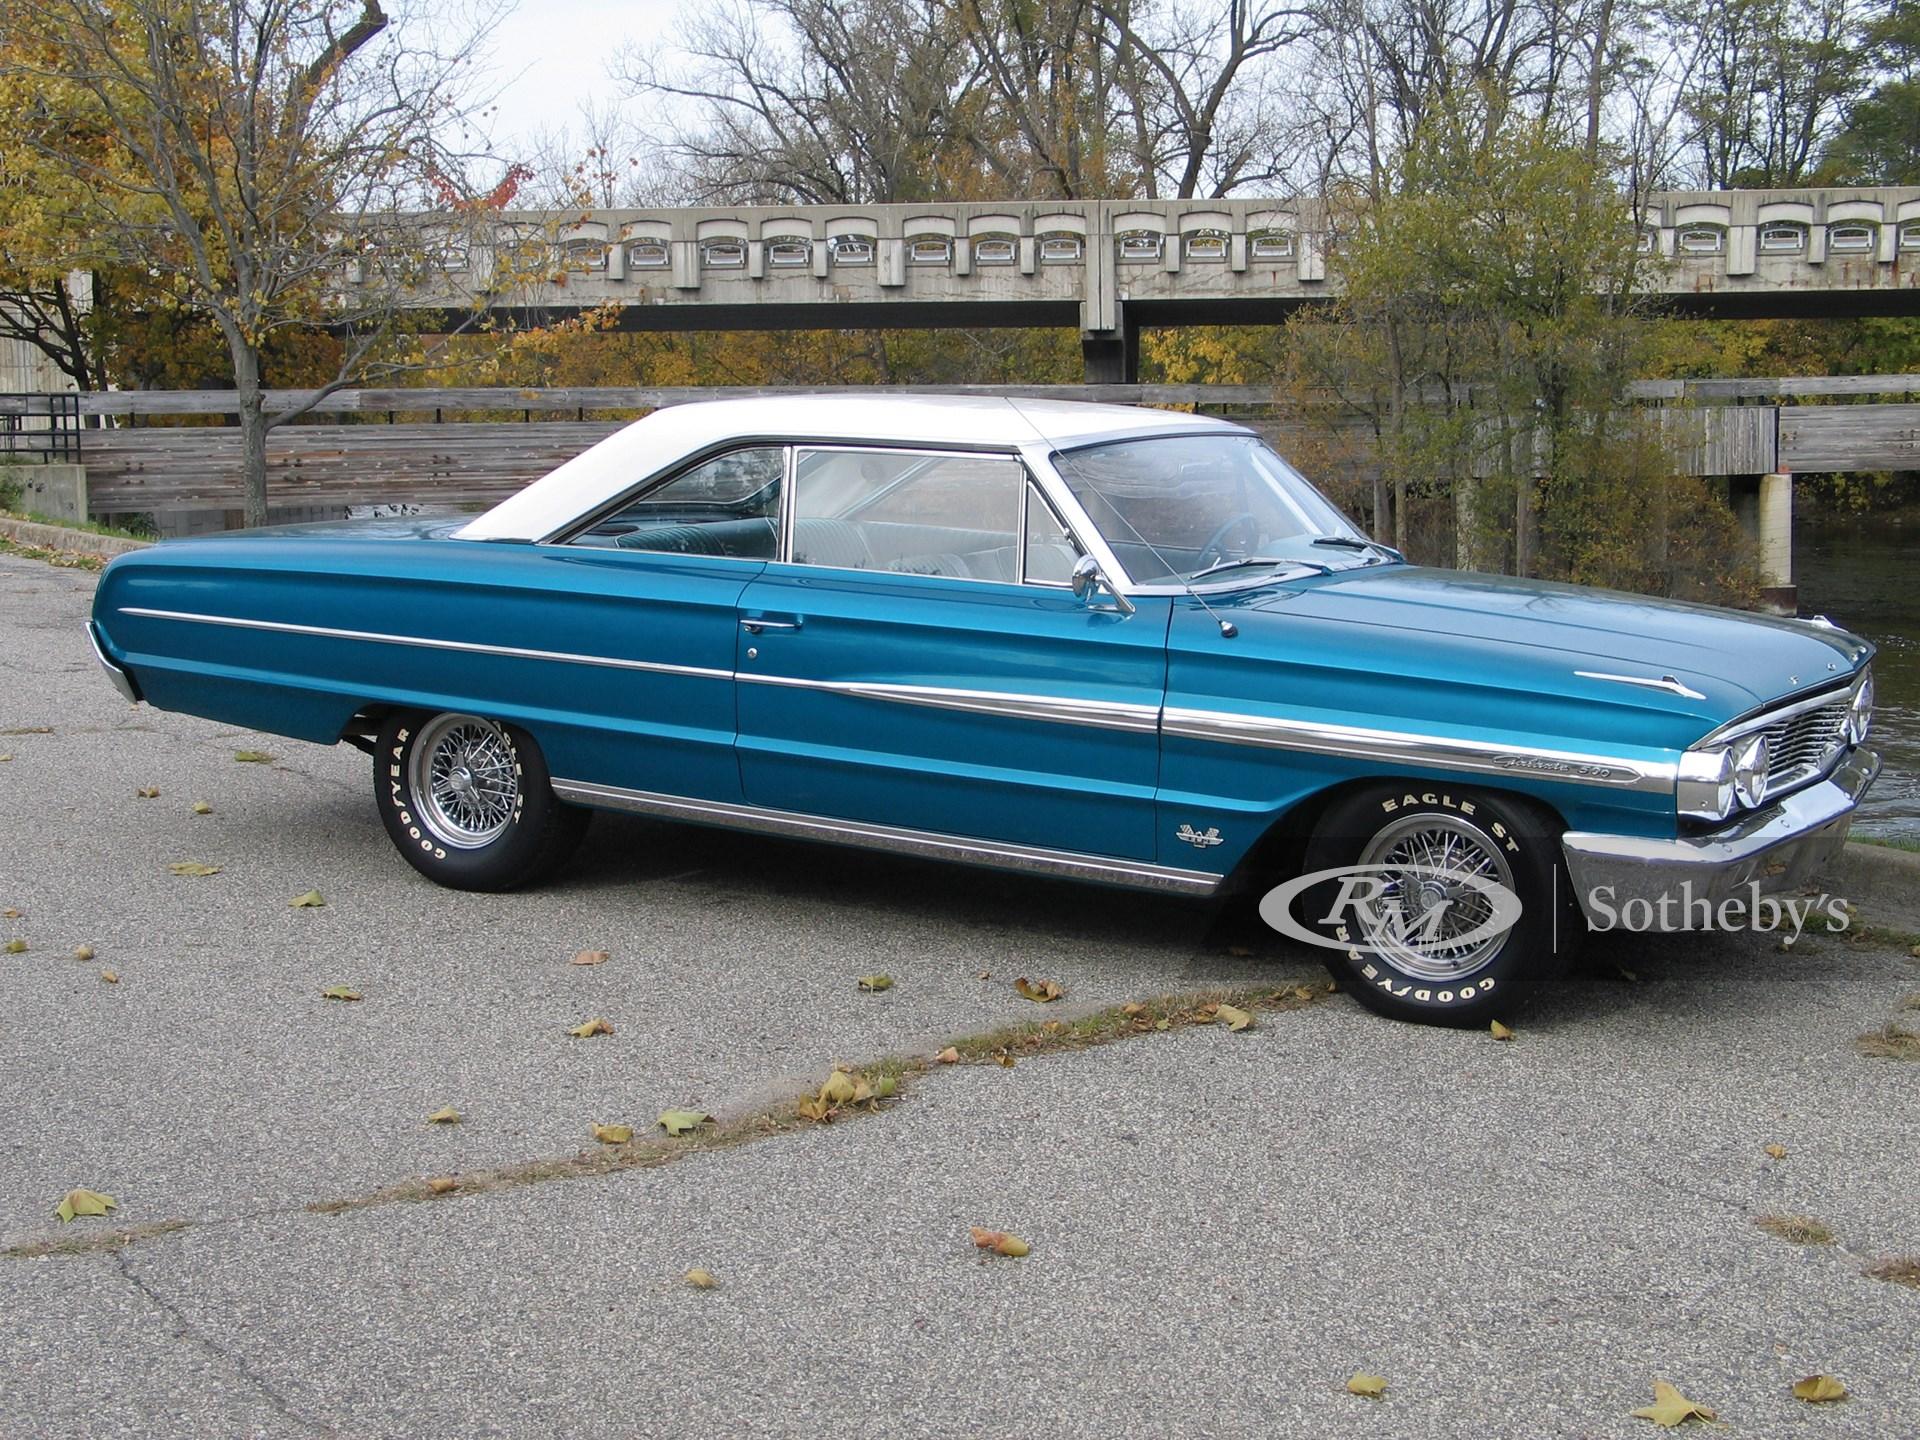 1964 Ford Galaxie 500 Two Door Hardtop